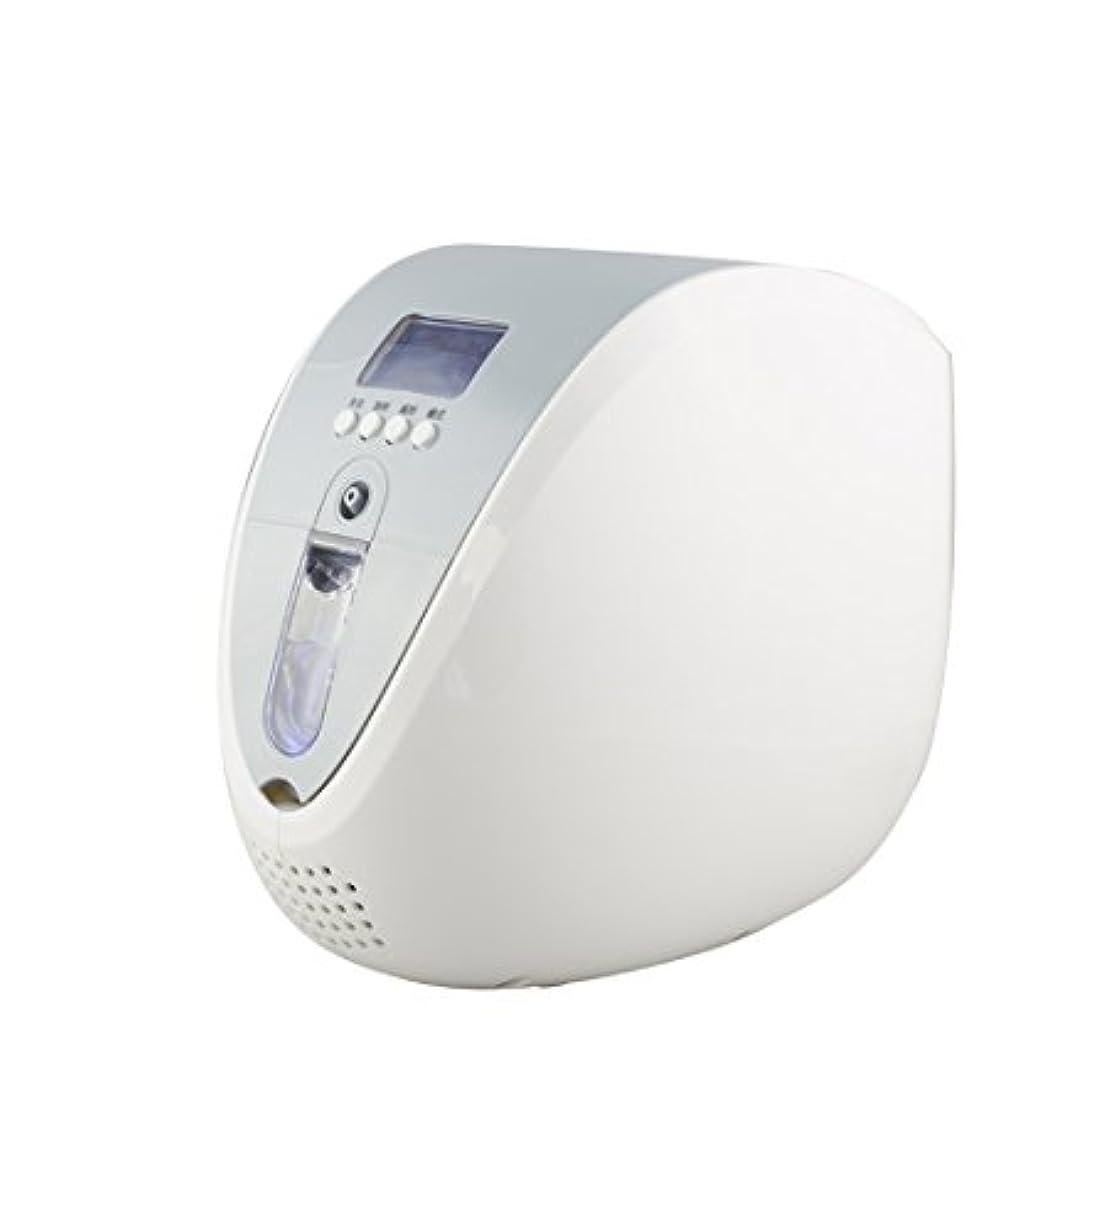 キルスインサートワンダーYD 酸素濃縮器 - スマートホーム酸素濃縮器ポータブル空気清浄機、デジタル制御パネル、連続酸素、1-5L /分調節可能 /&